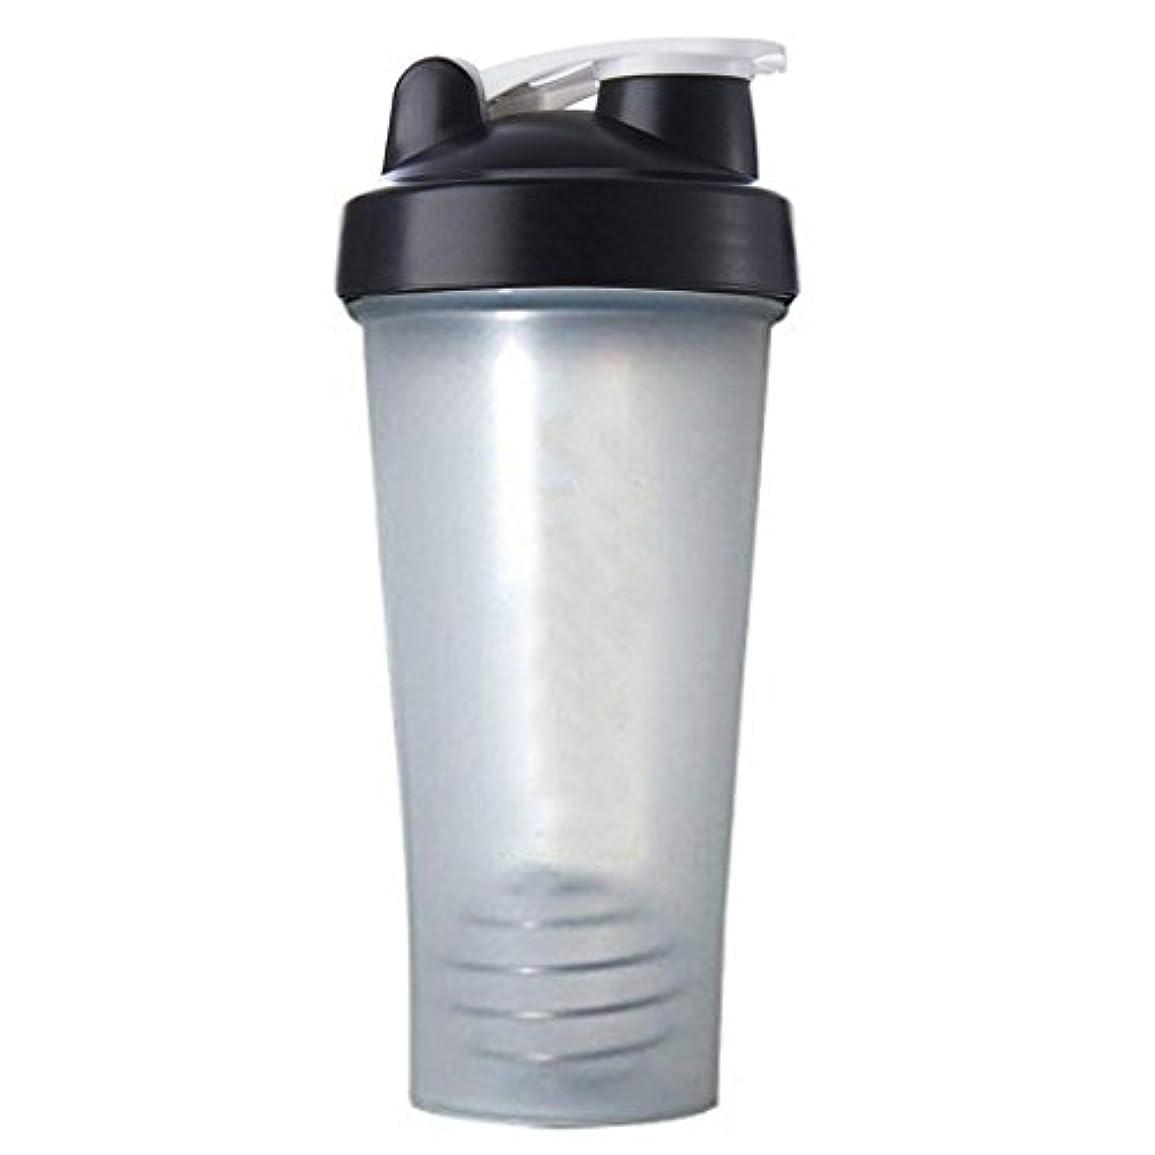 ヘビー理容師具体的にYOKEL Sports Pro プロテインシェイカー 600ml シェーカーボトル (ホワイト)